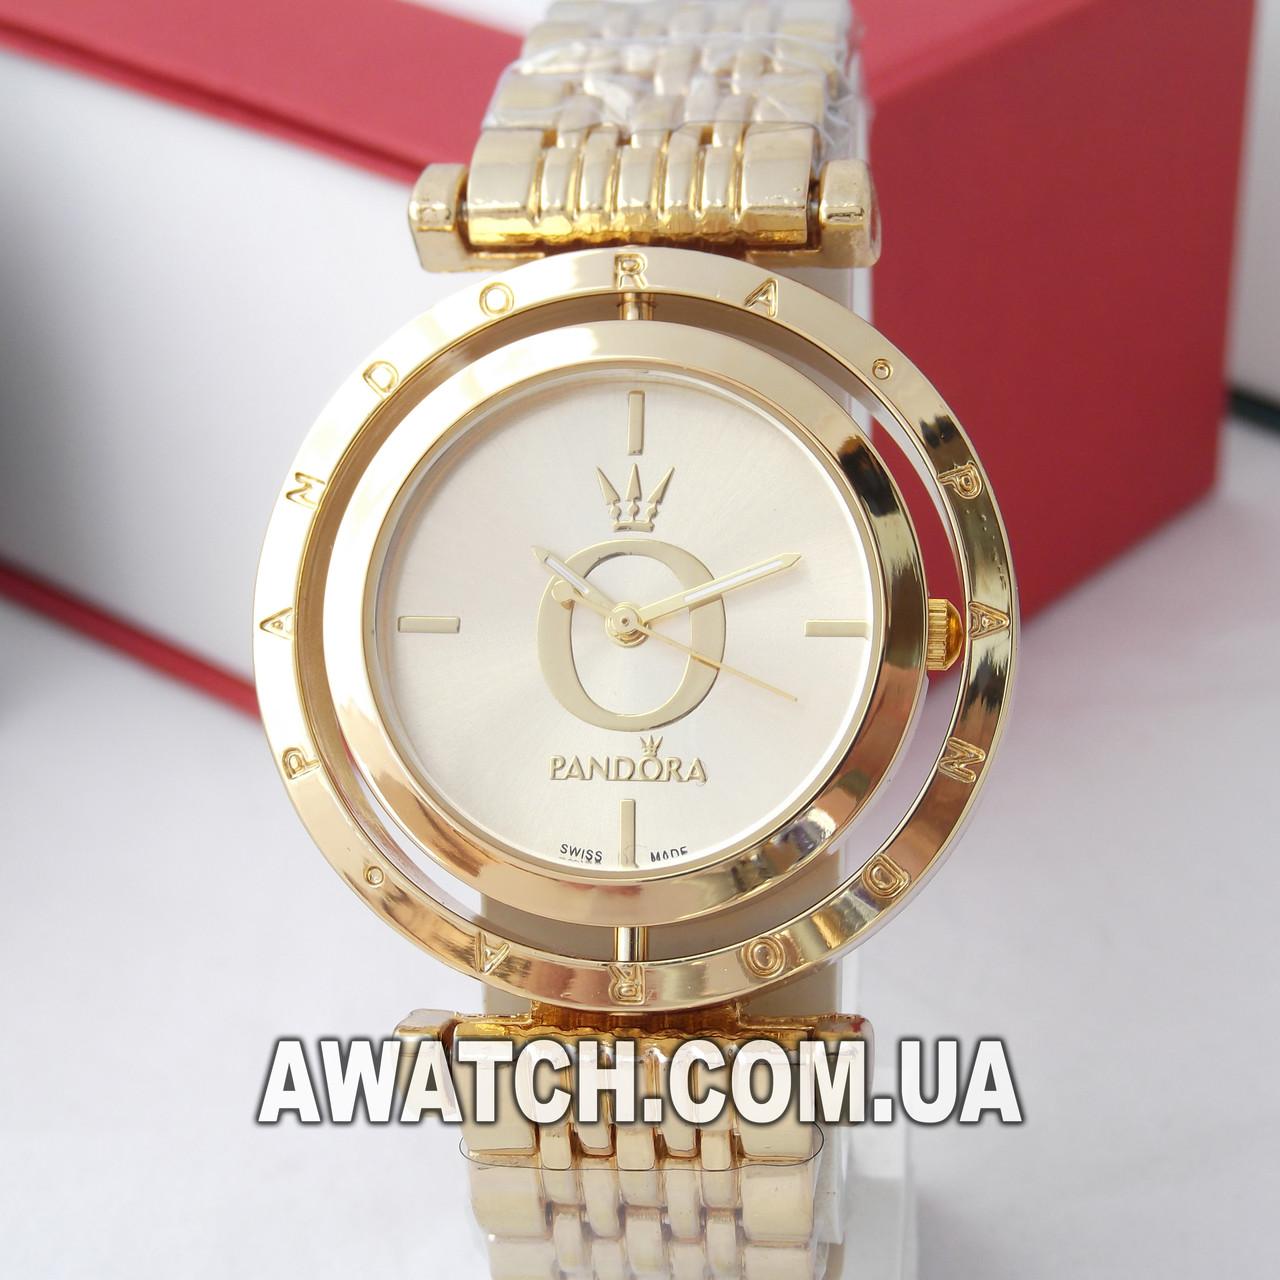 e907d769 Золотые наручные часы Pandora 6861-1 с вращающимся циферблатом -  Интернет-магазин AWATCH в